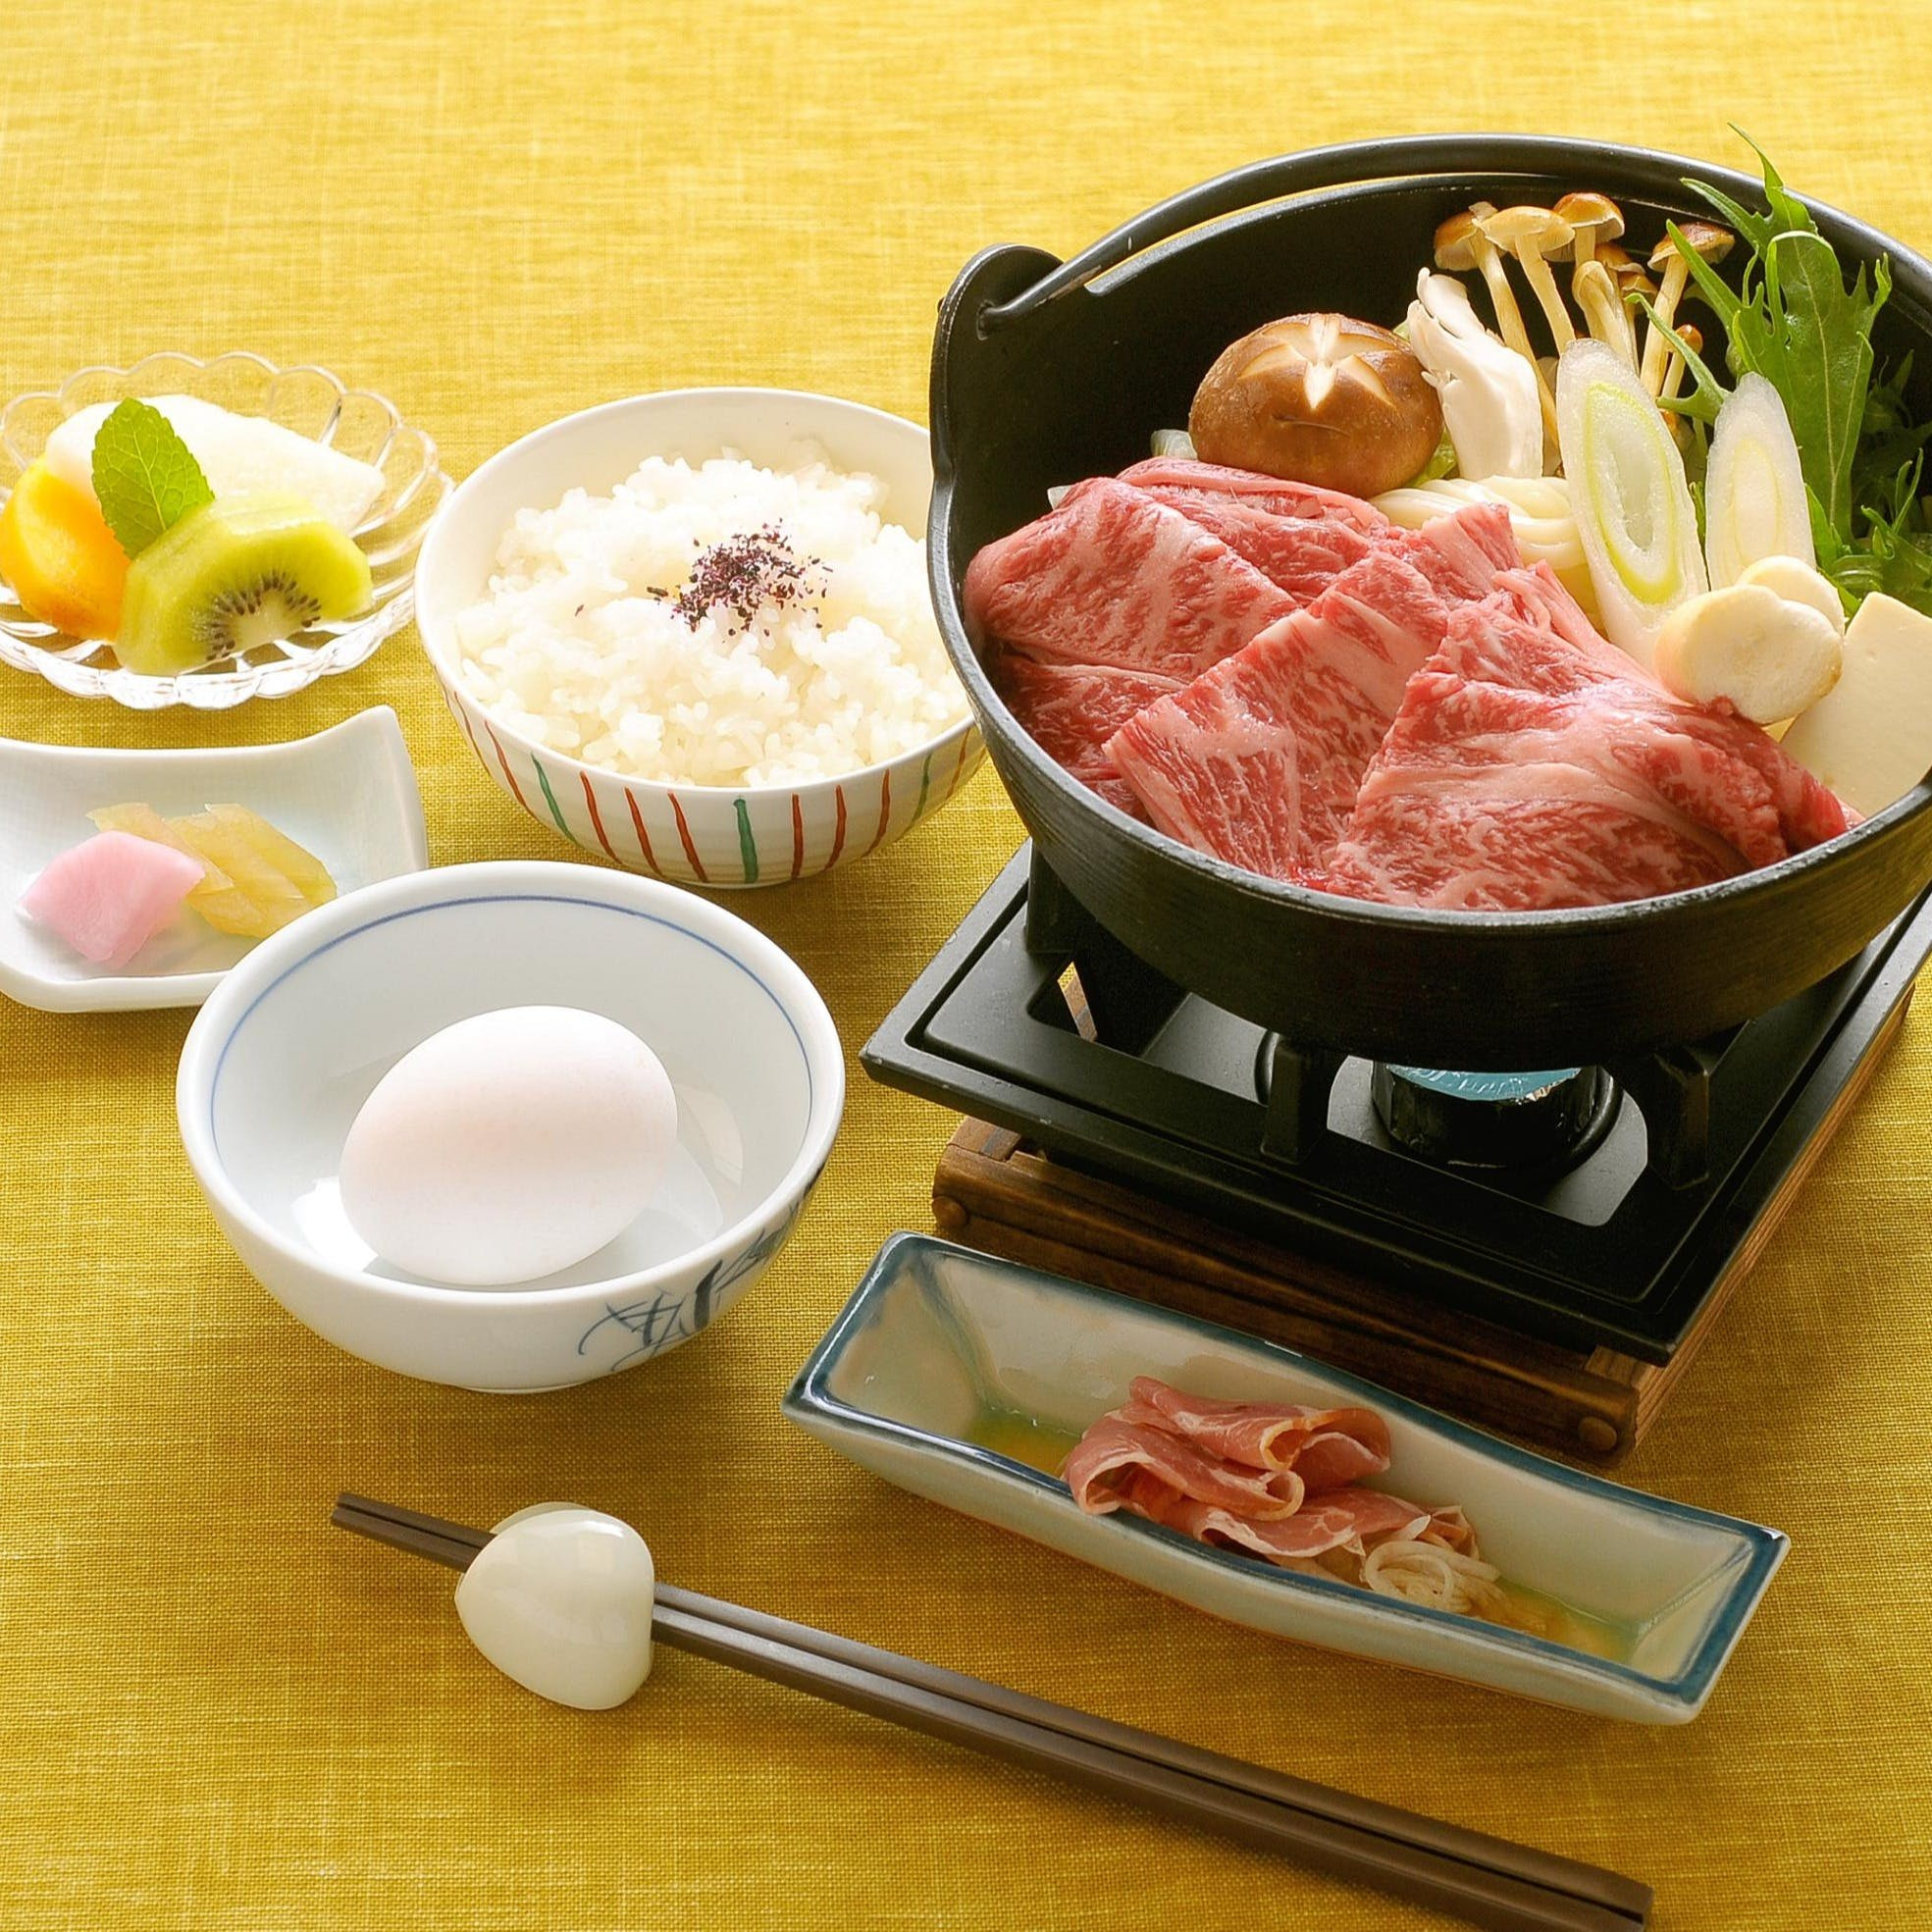 季節の器に彩豊かな旬の食材を地元の食材と共にご提供させて頂きます